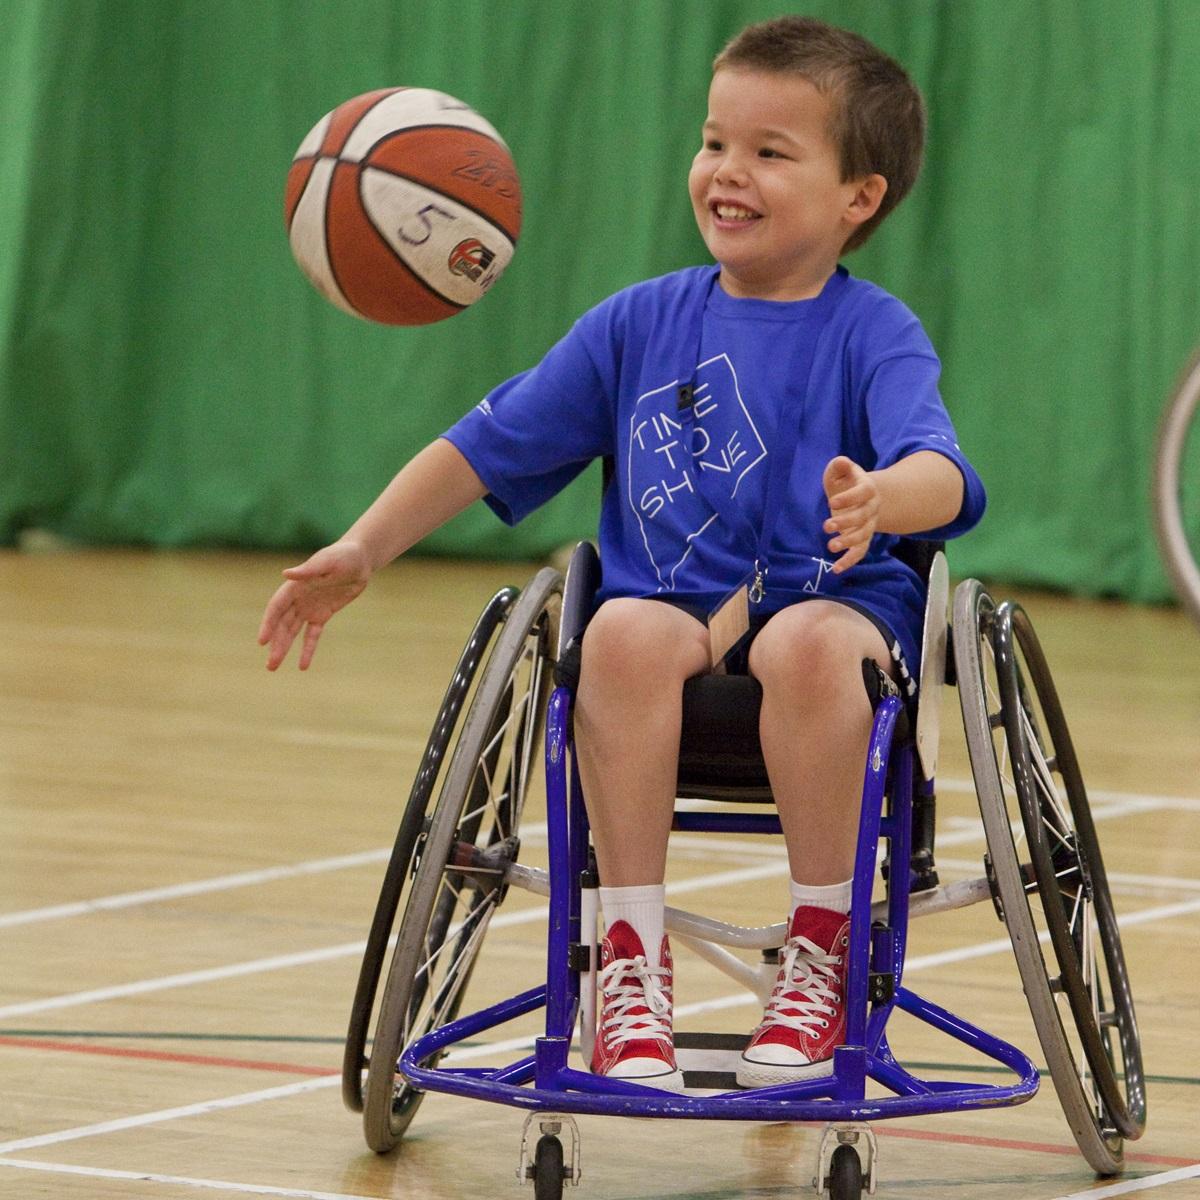 ورزش و نقش آن در باز پروری دانش آموزان معلول ذهنی و جسمی